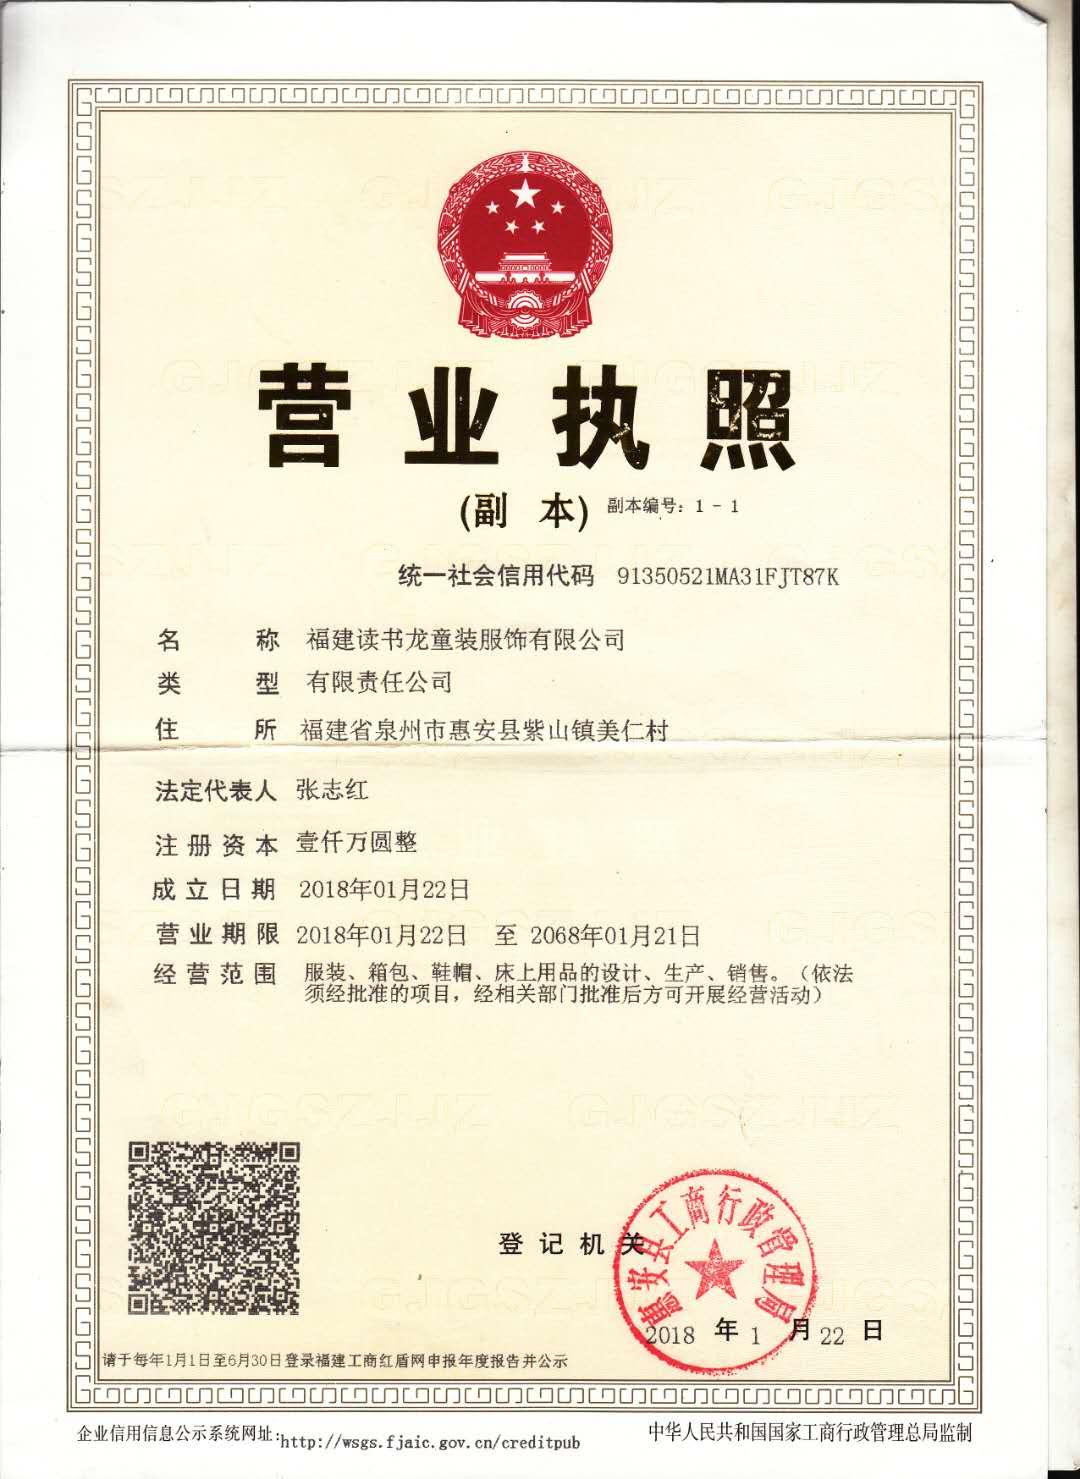 福建读书龙童装服饰有限公司企业档案